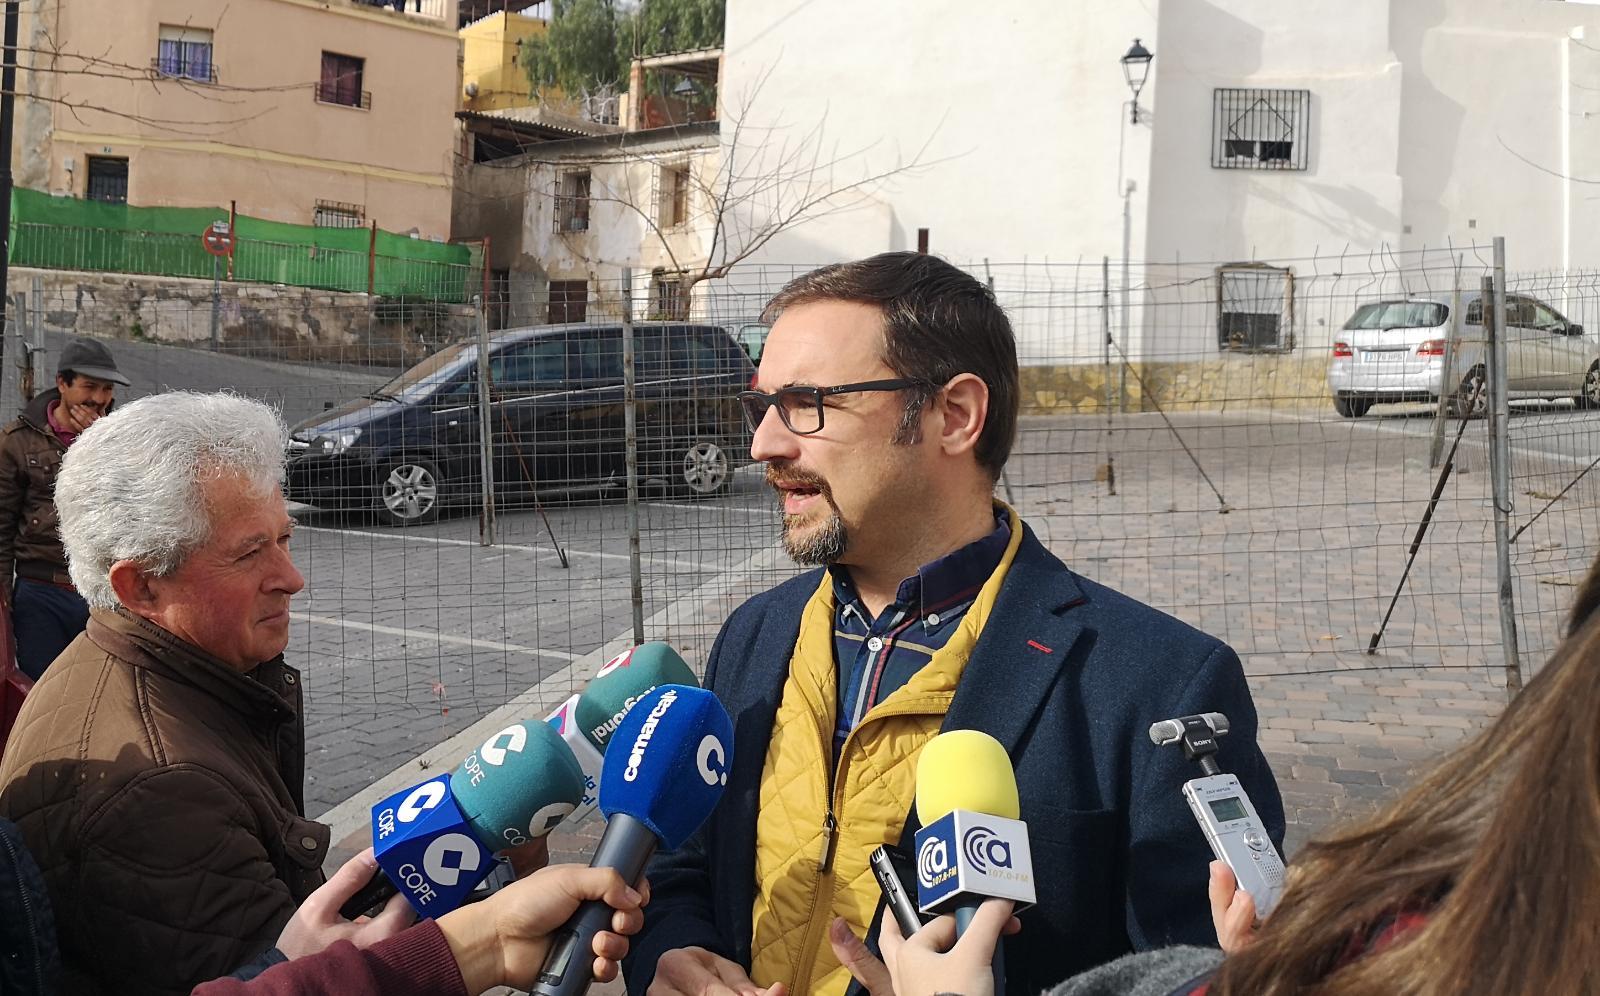 Mateos exige al Alcalde que solucione los problemas que mantienen cerrado parcialmente el aparcamiento de San Patricio